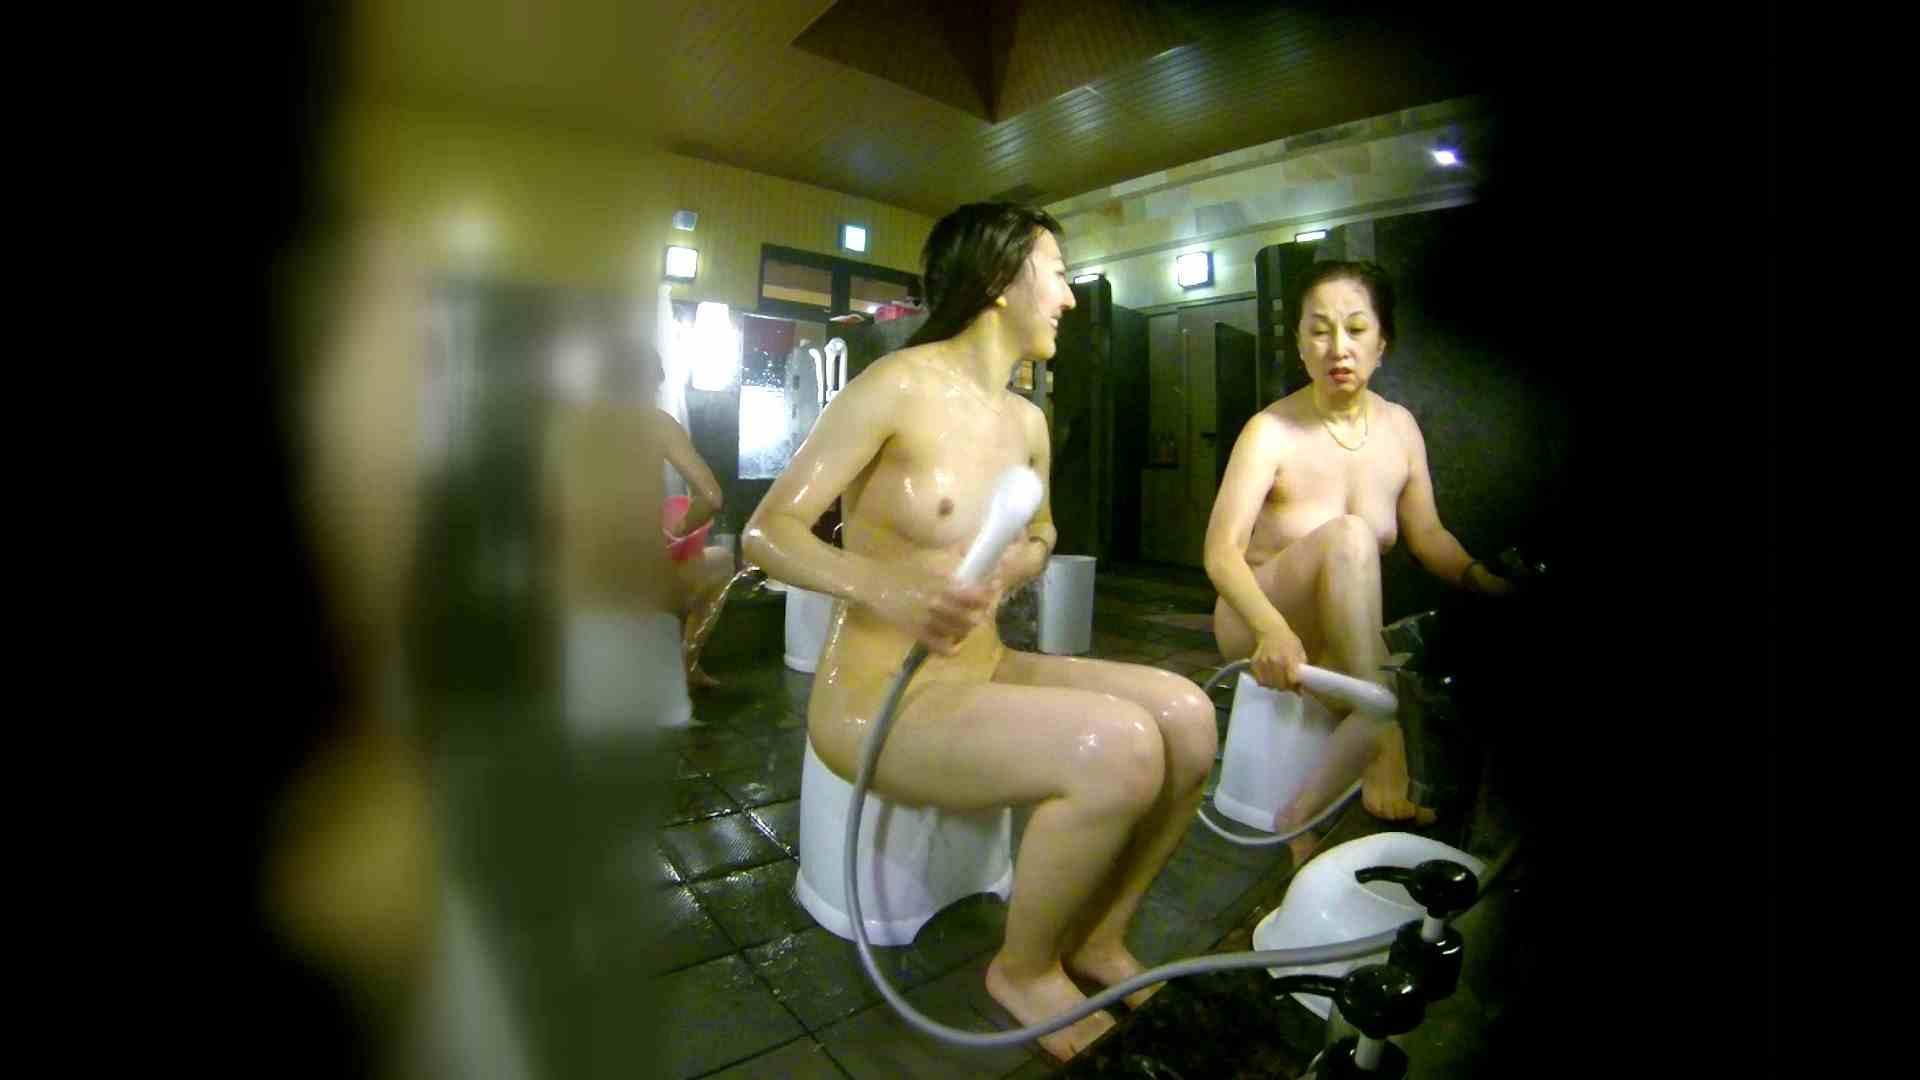 洗い場!右足の位置がいいですね。陰毛もっさり! 女湯のぞき えろ無修正画像 107枚 61